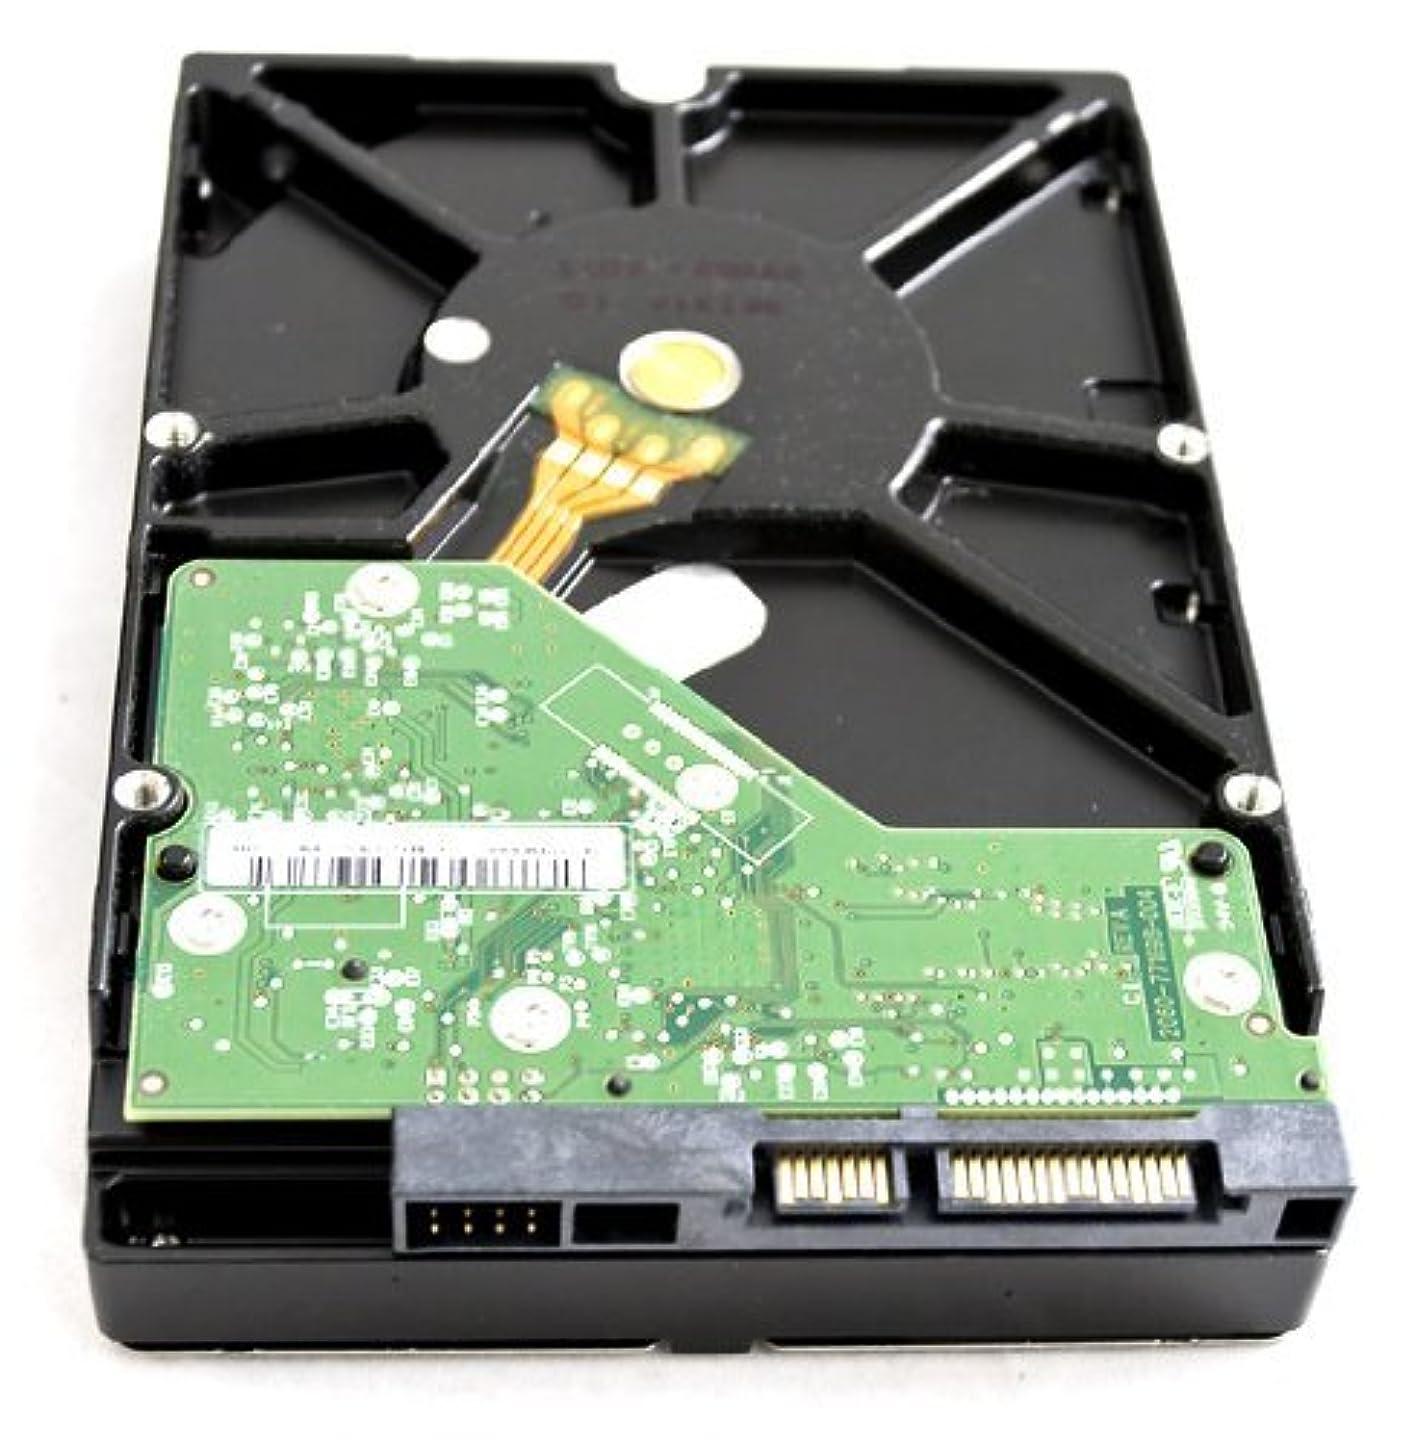 広まった魔術無駄にDell MY821 250GB、内蔵ハードドライブ(更新済み)。